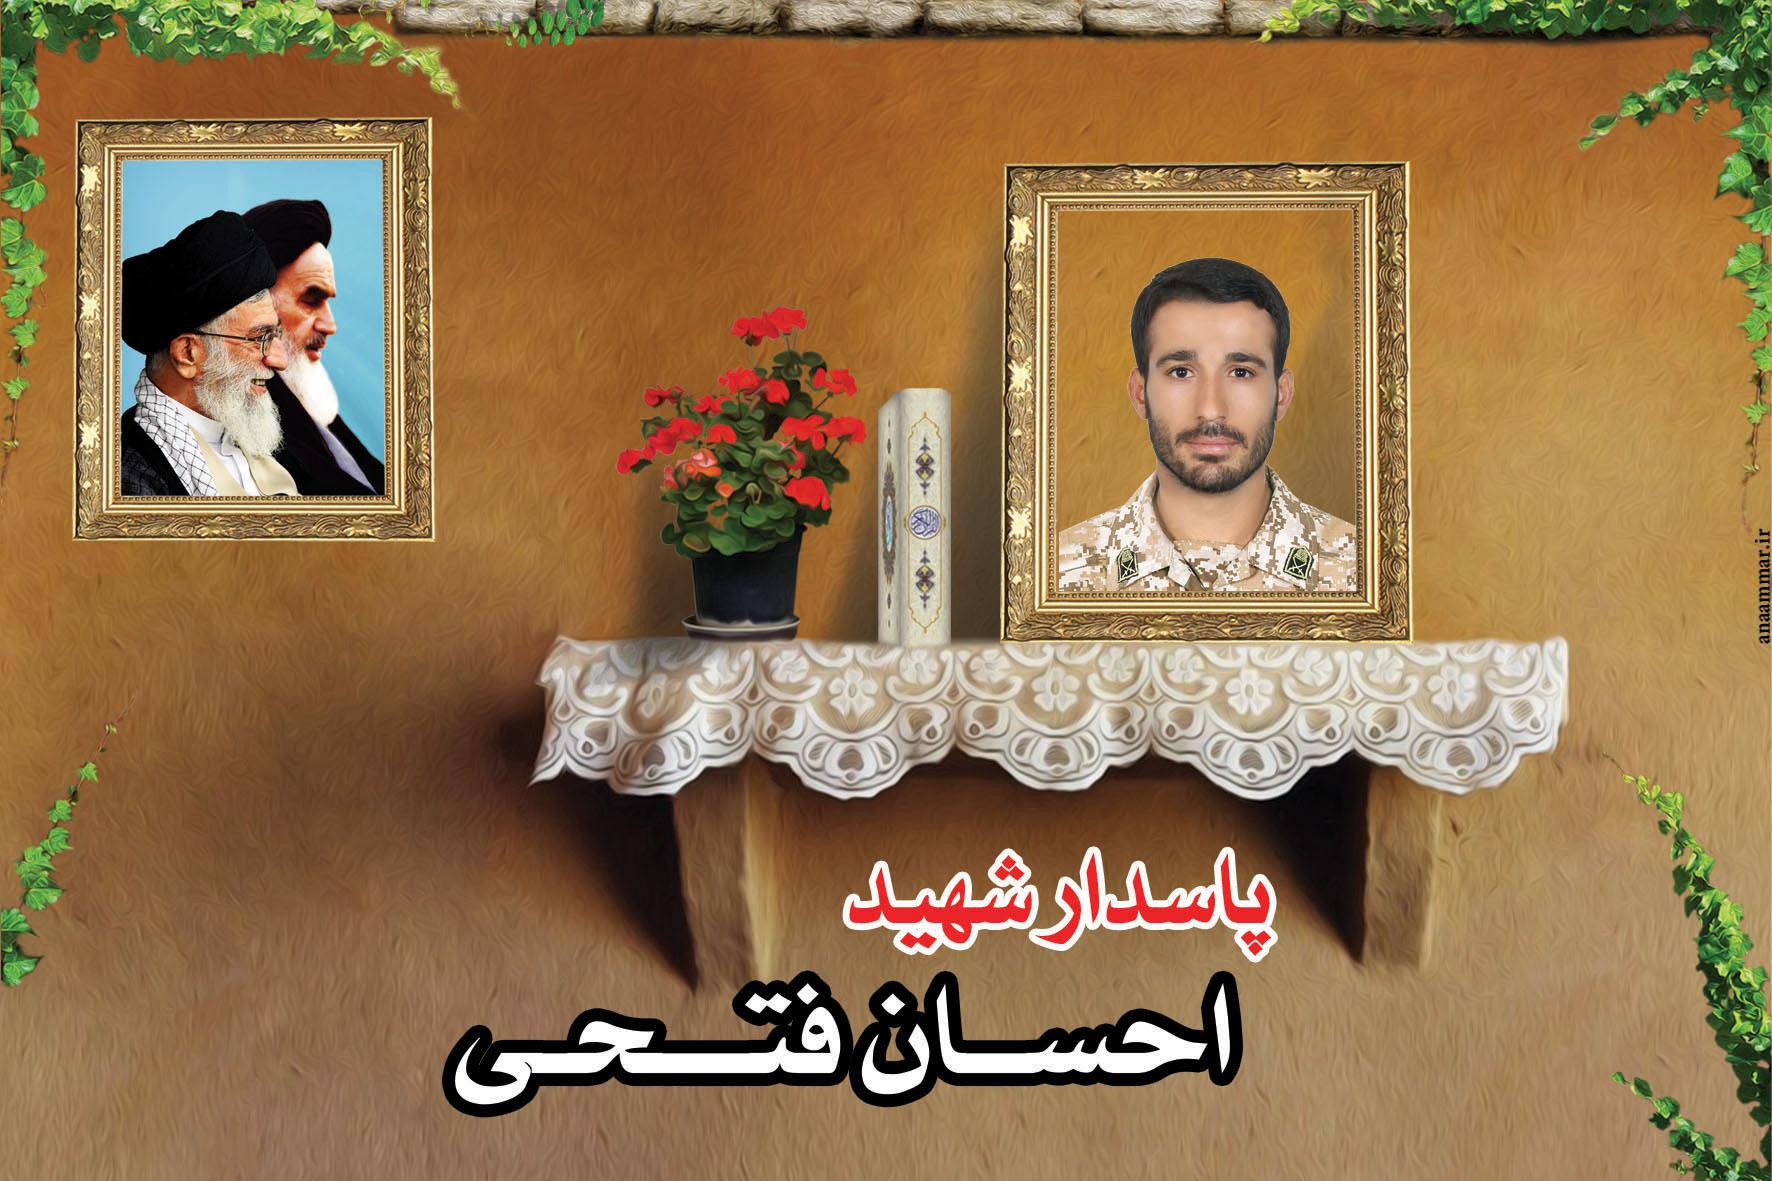 شهید احسان فتحی